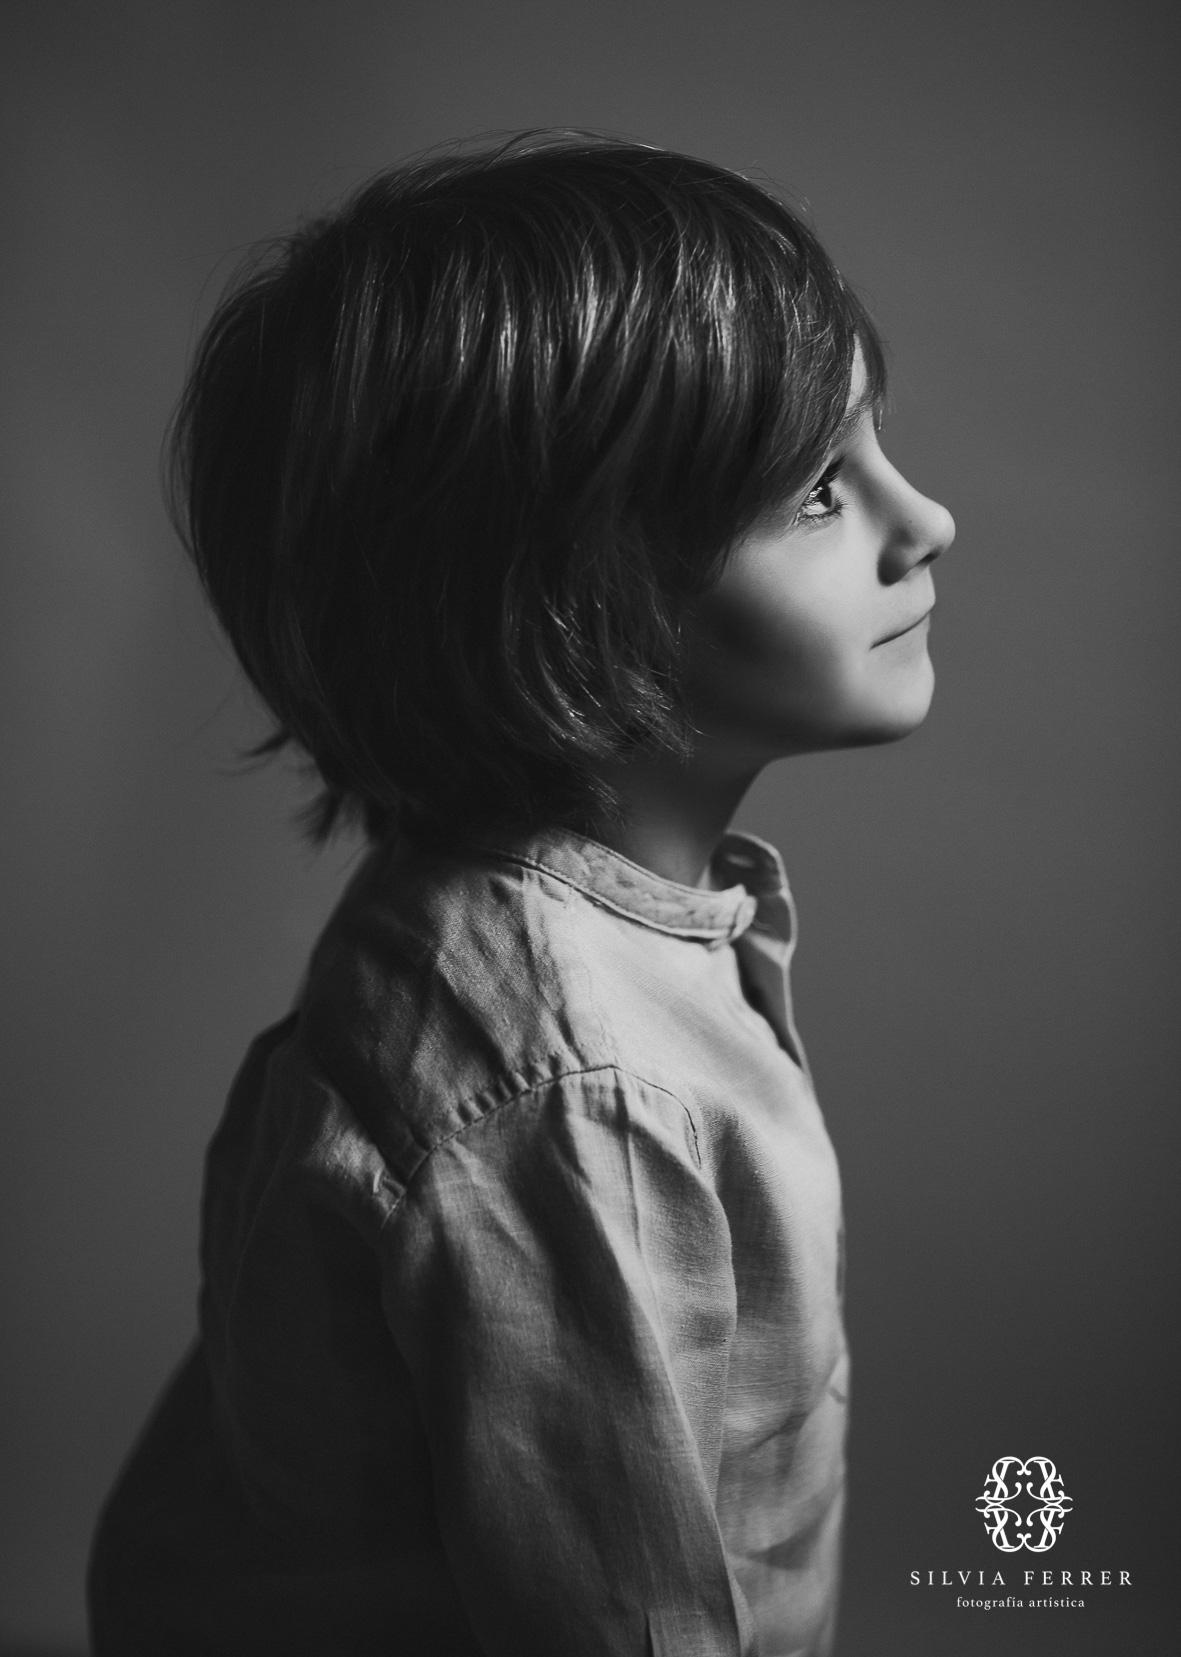 foto de niño de perfil en blanco y negro corte de pelo